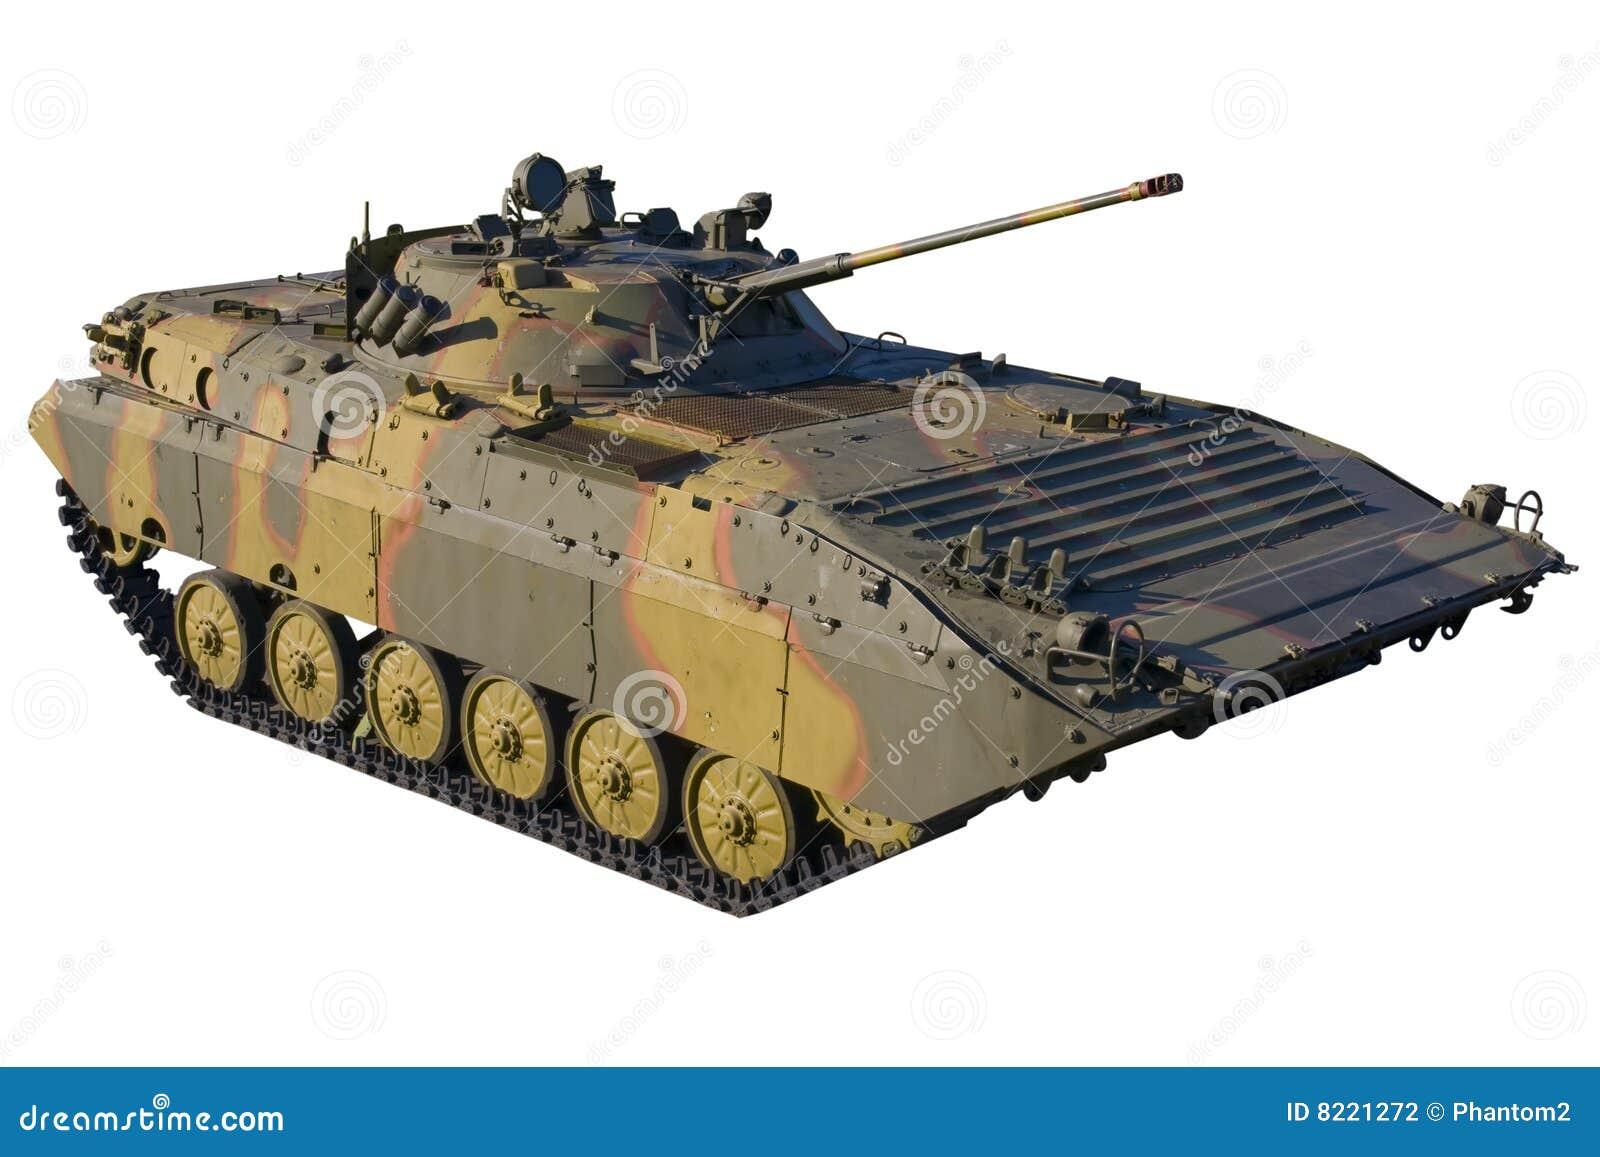 Vehículo de lucha BMP-2 de la infantería